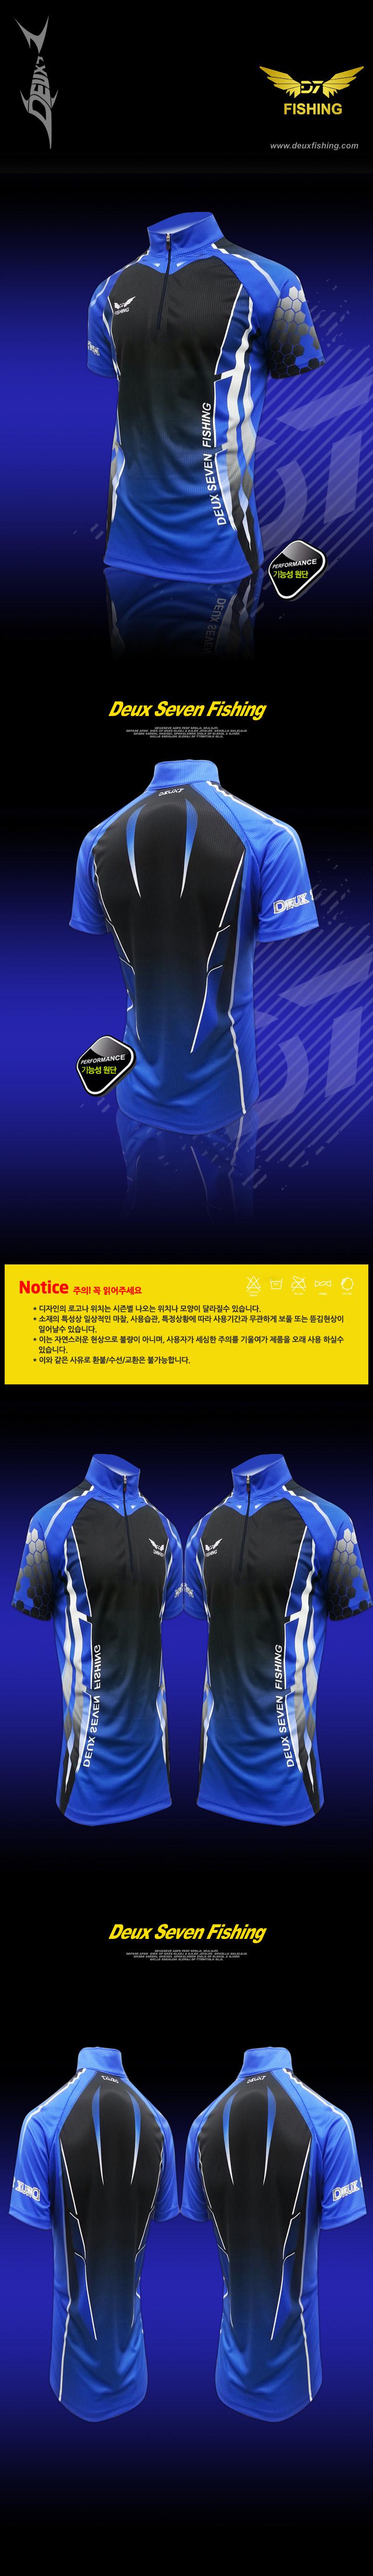 듀스세븐 기능성 낚시 티셔츠 QDT-502 듀스세븐 기능성 낚시 티셔츠  QDT-502 듀스세븐기능성낚시티셔츠 단체복 팀복 팀셔츠 반팔티 낚시티셔츠 듀스피싱